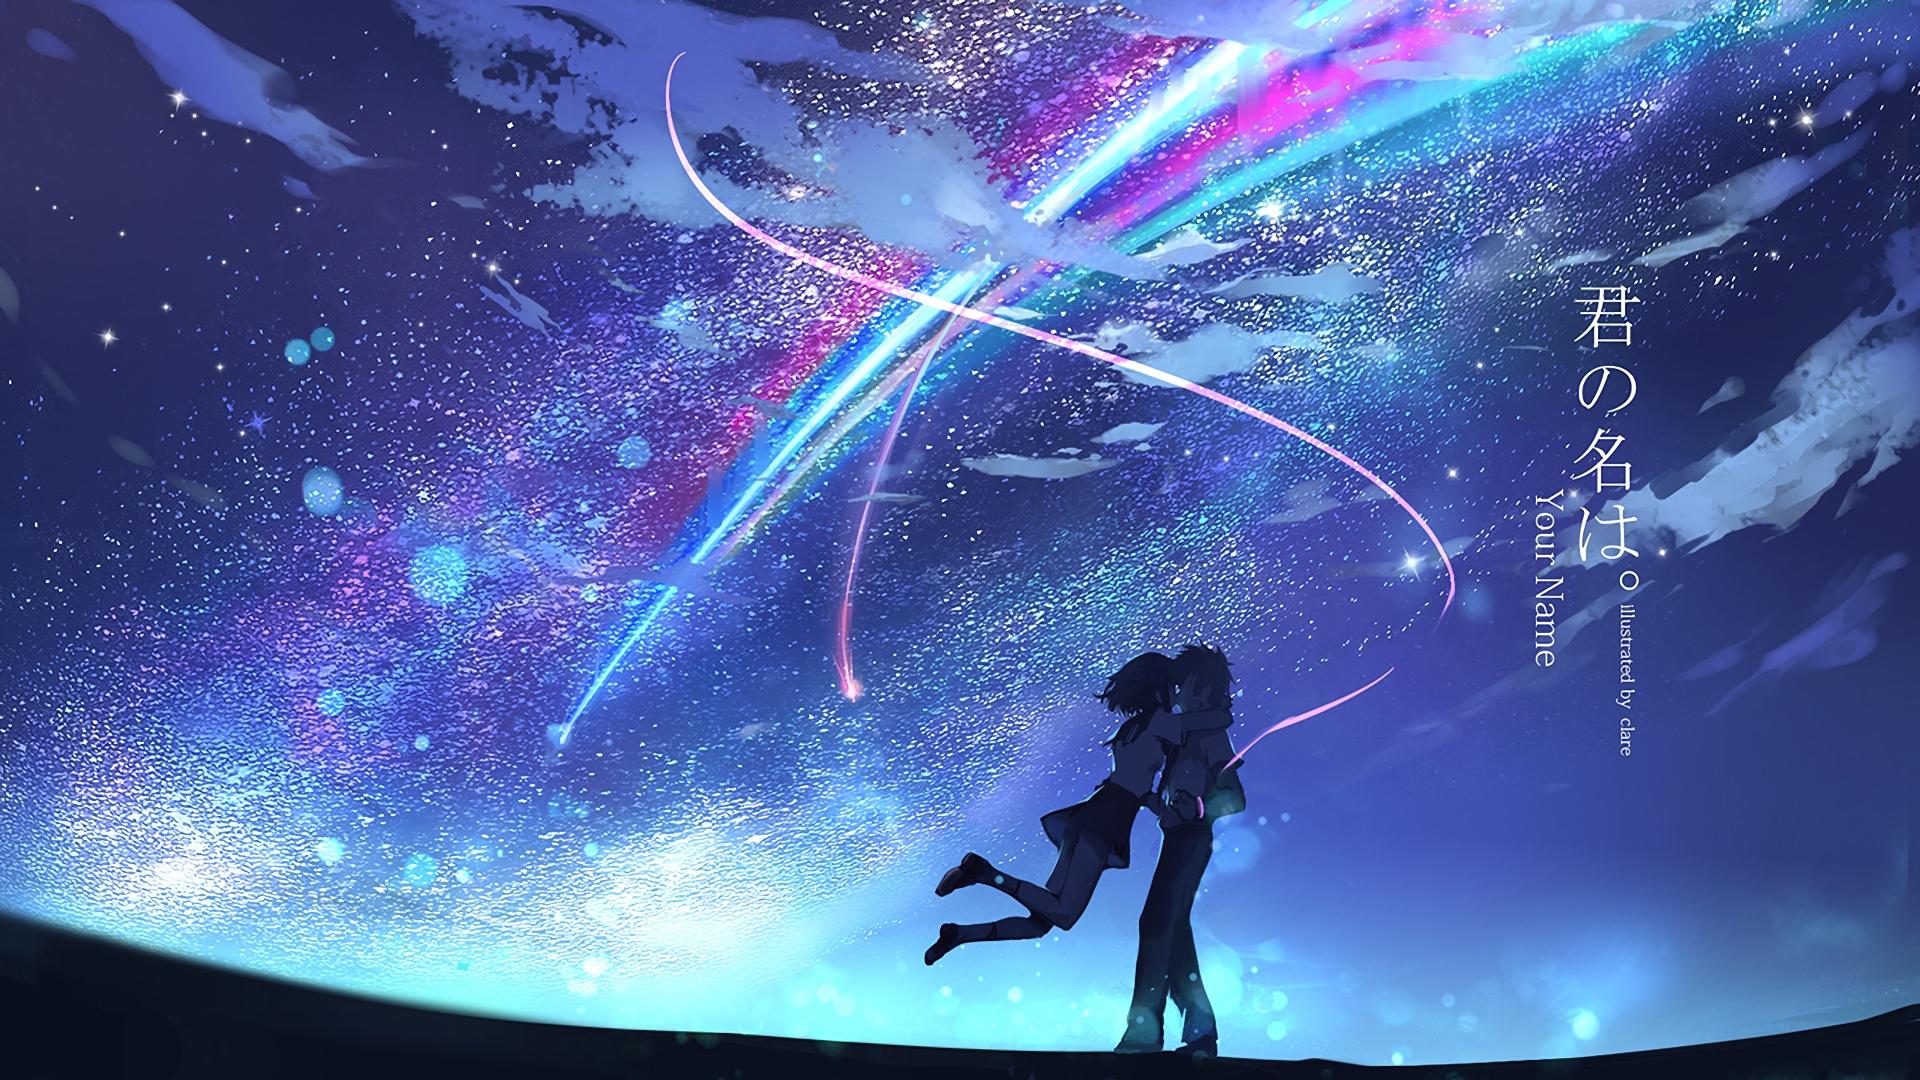 anime-votre-nom-mitsuha-miyamizu-taki-tachibana-kimi-no-na-wa